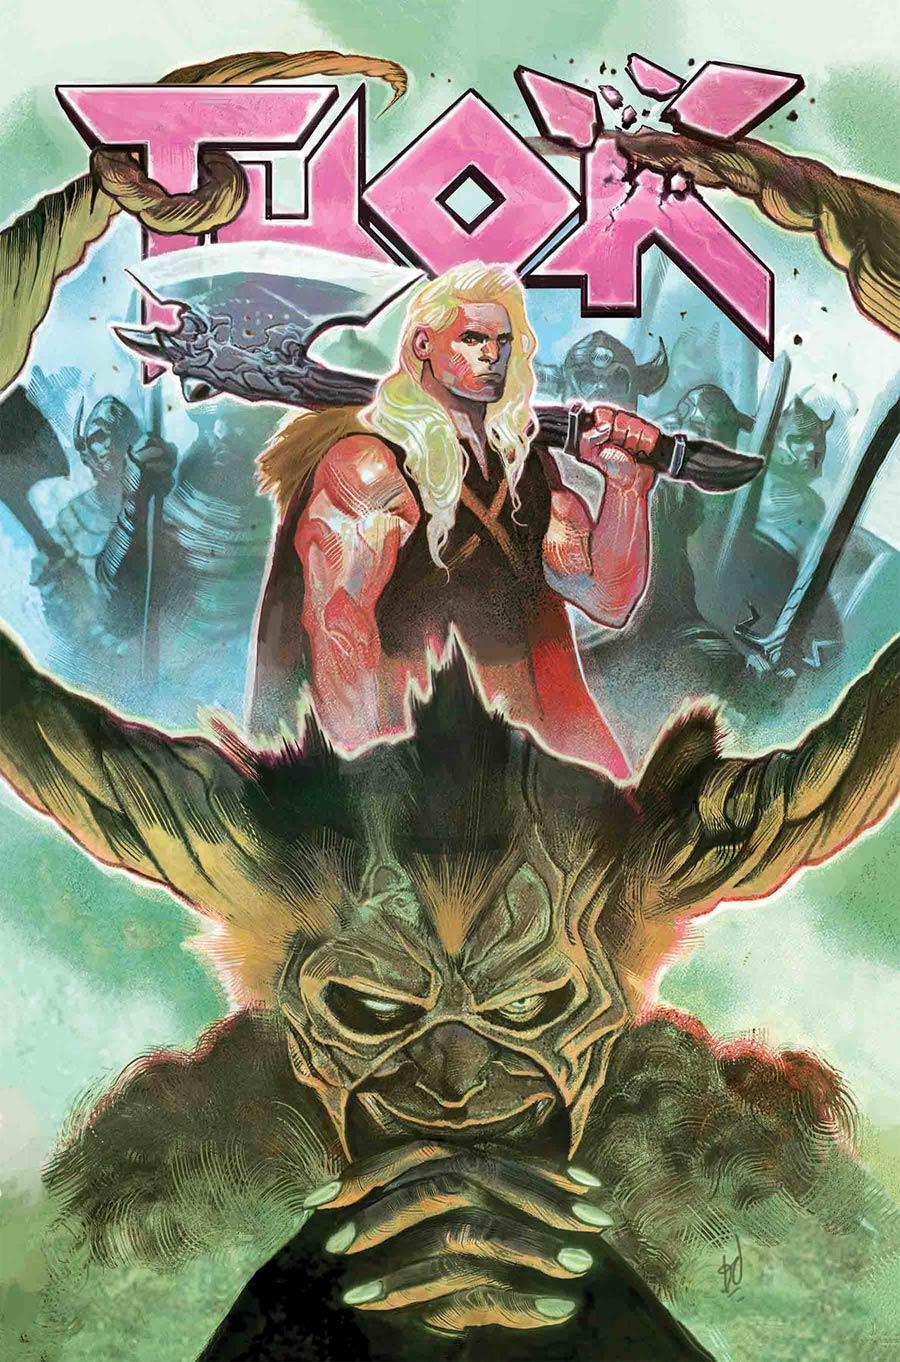 Thor Vol 5 #7 Cover A Regular Mike Del Mundo Cover